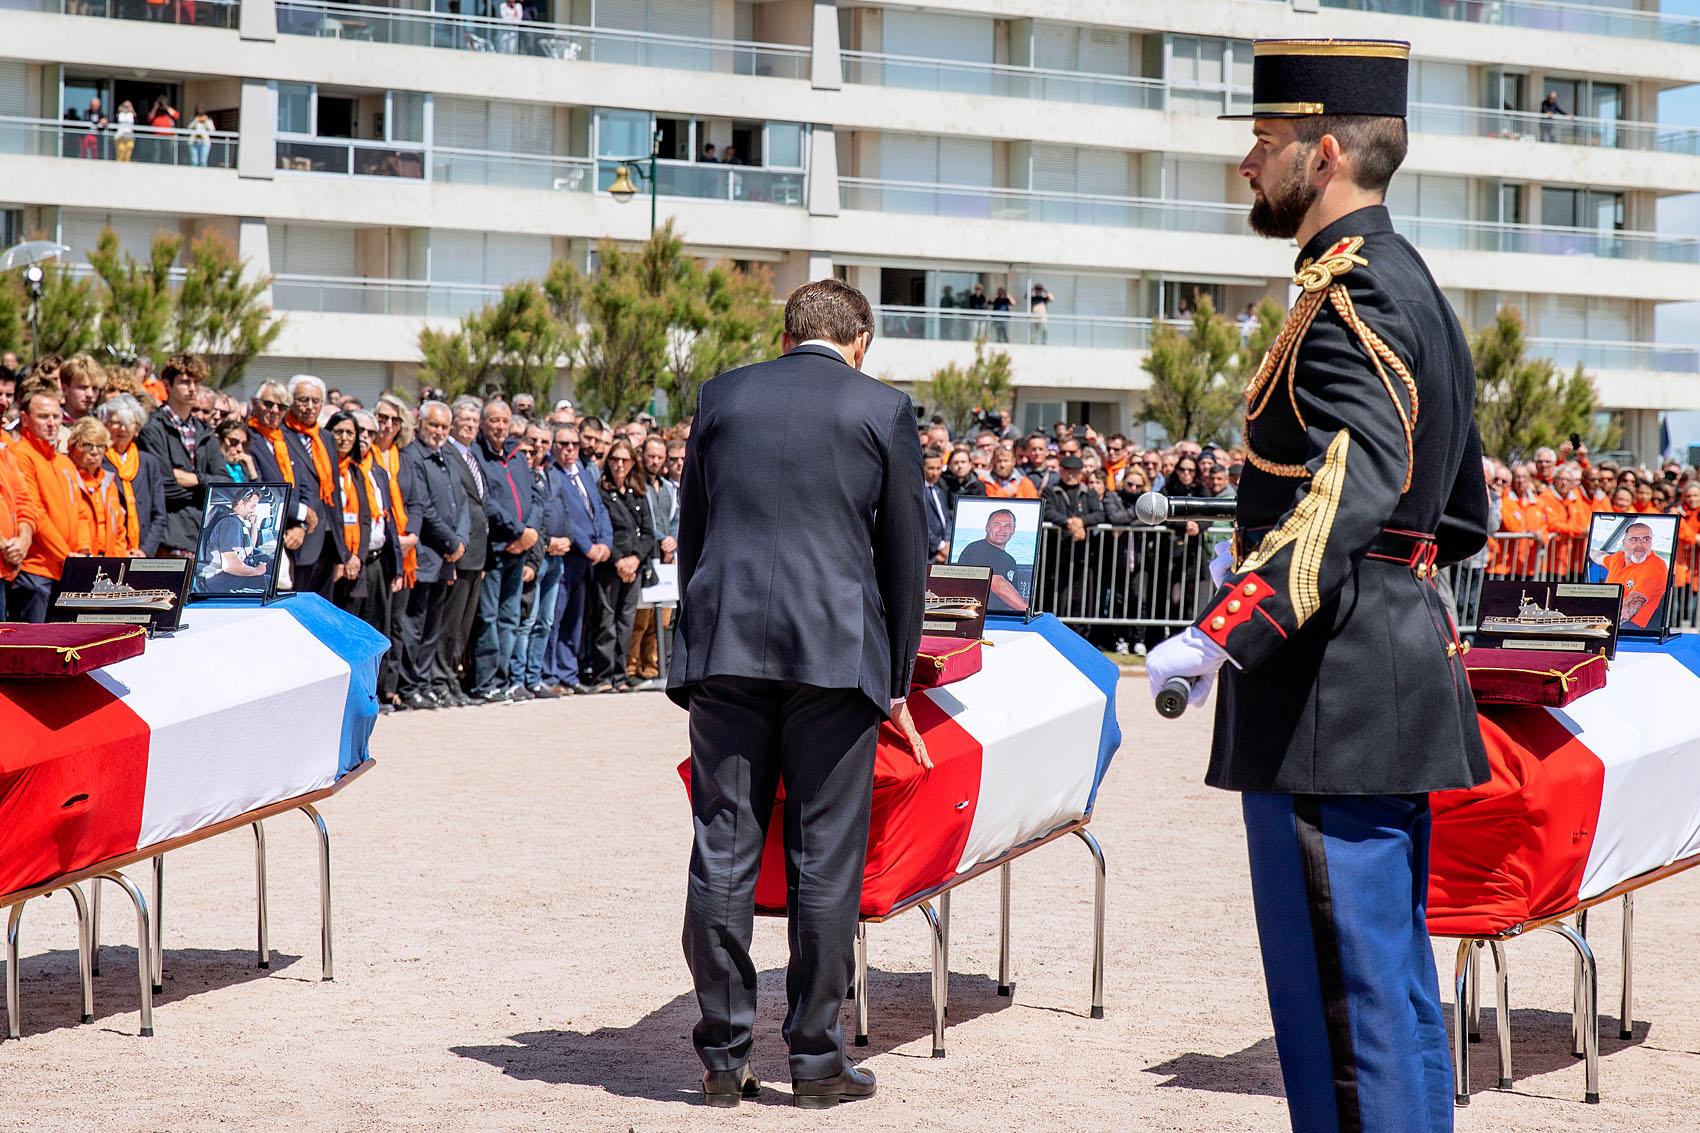 Les Sables d'Olonne, le 13 juin 2019. Hommage national aux sauveteurs du canot Jack Morisseau. Le Président de la République vient de remettre les légions d'honneur posthume aux trois sauveteurs du Jack Morisseau.